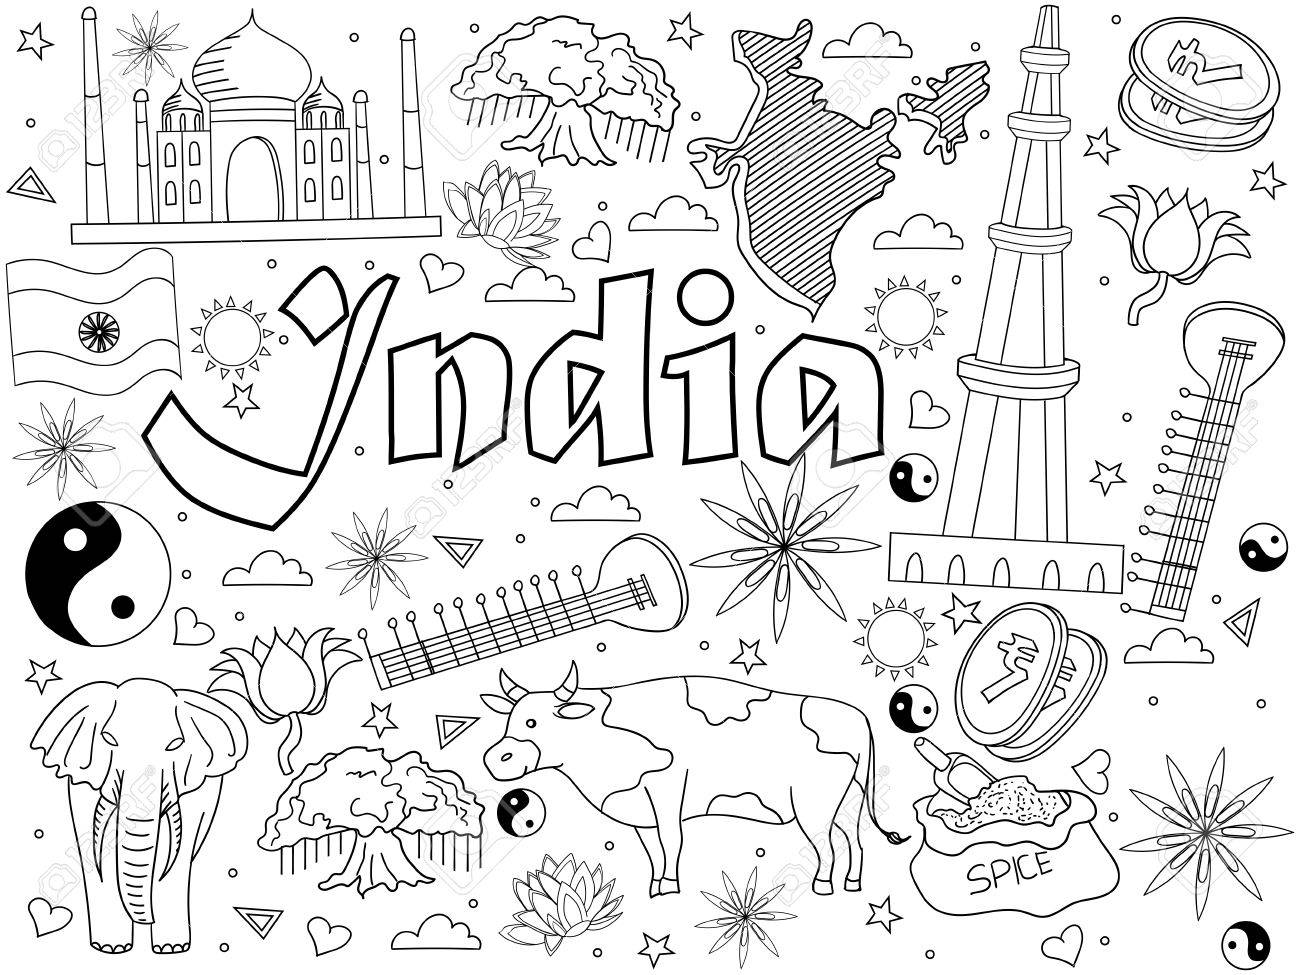 India Línea De Arte Ilustración Vectorial De Diseño De Libro Para ...